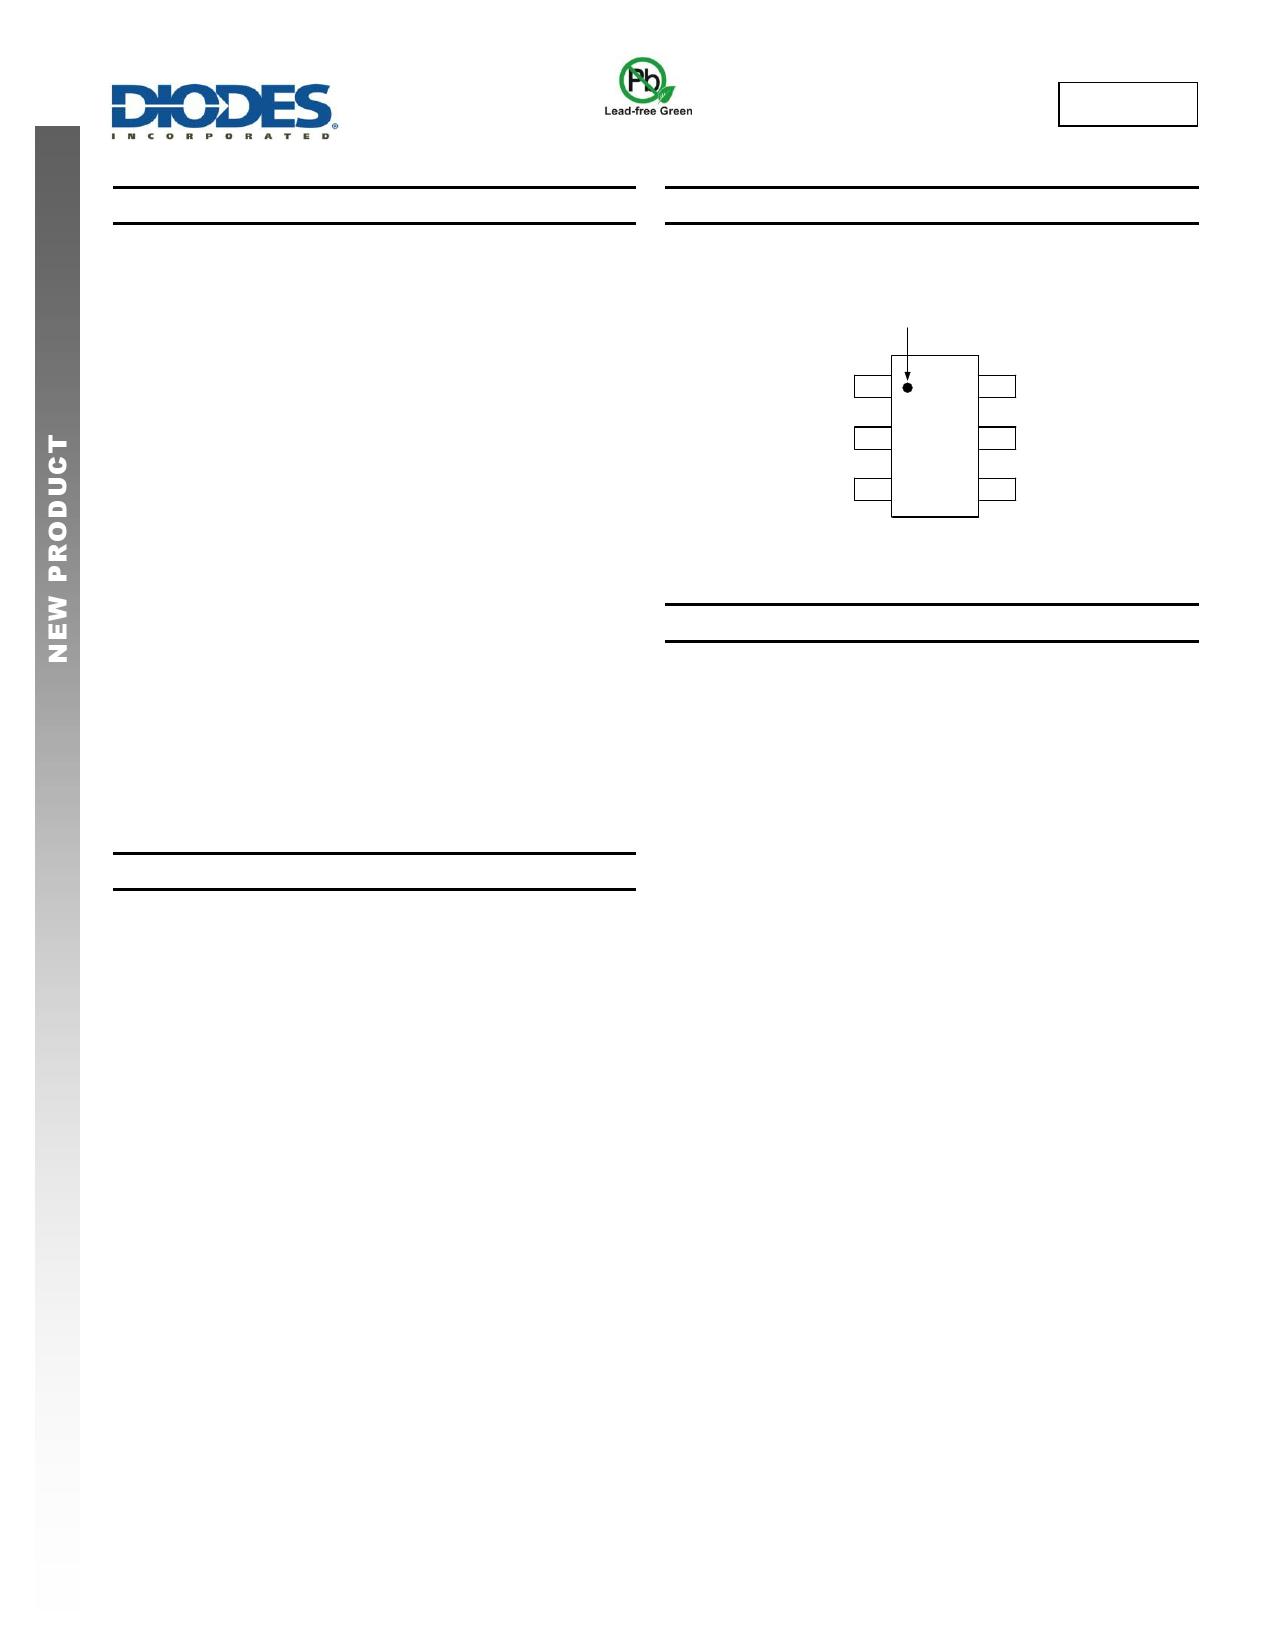 AP3419 データシート pdf pinout